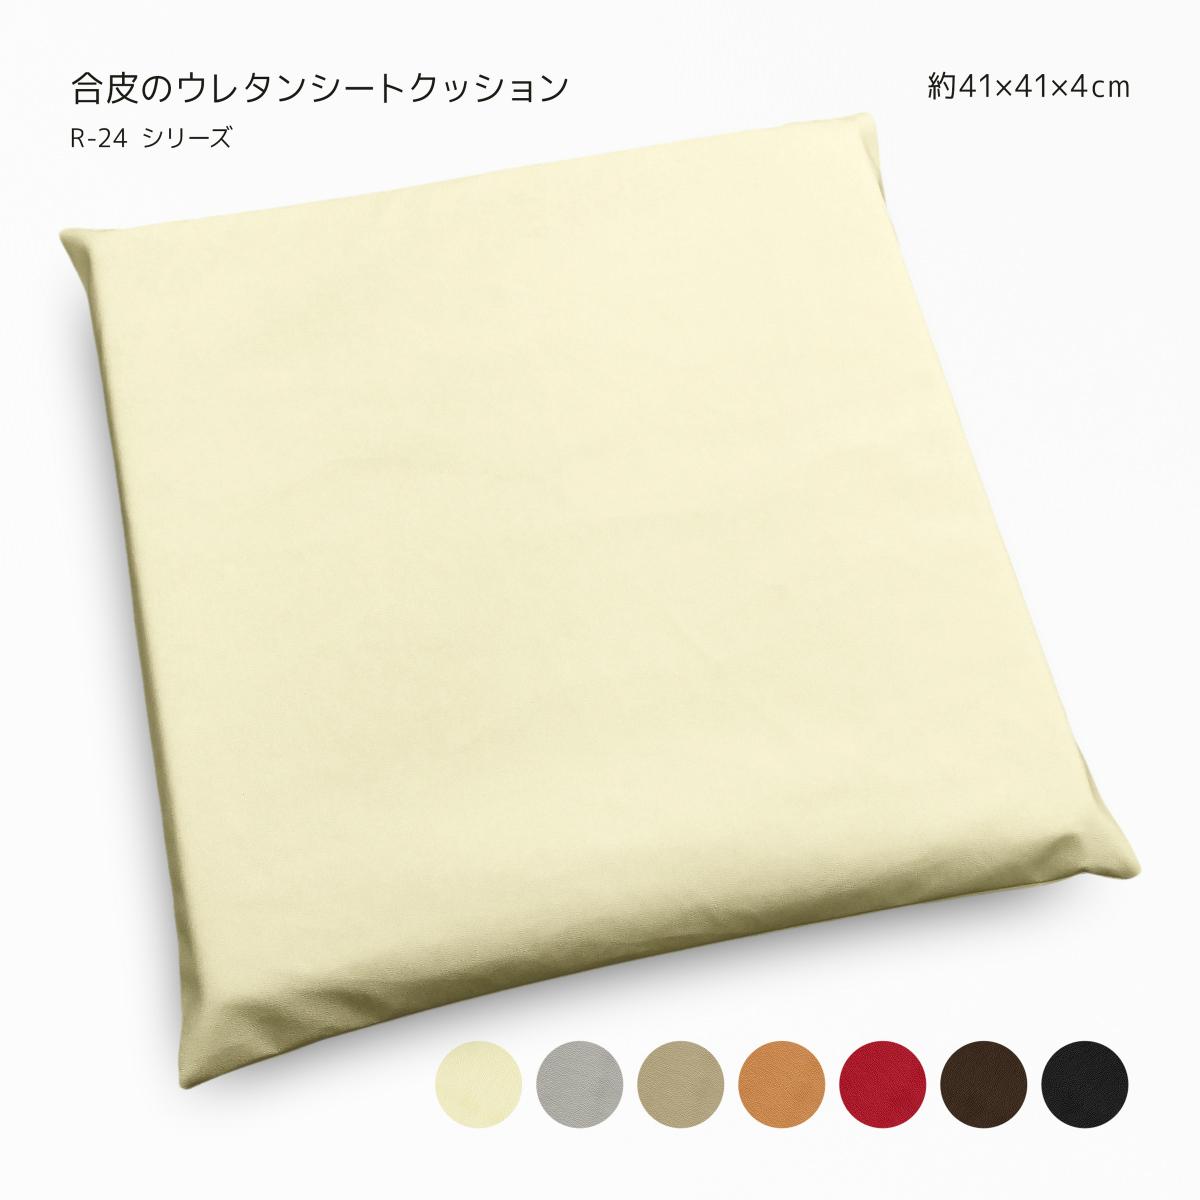 床でも椅子でもイケます 合皮なので高級感があります お部屋がなんだか寂しいなぁ なんて時にはアクセントにいかがでしょうか 人気商品 ウレタンシートクッション R-24 合皮 中身とカバーを別で買うよりお得なセットです カバーサイズ約45×45cm 日本製 41×41×4cm ポリウレタン合成皮革 フェイクレザー お気に入り